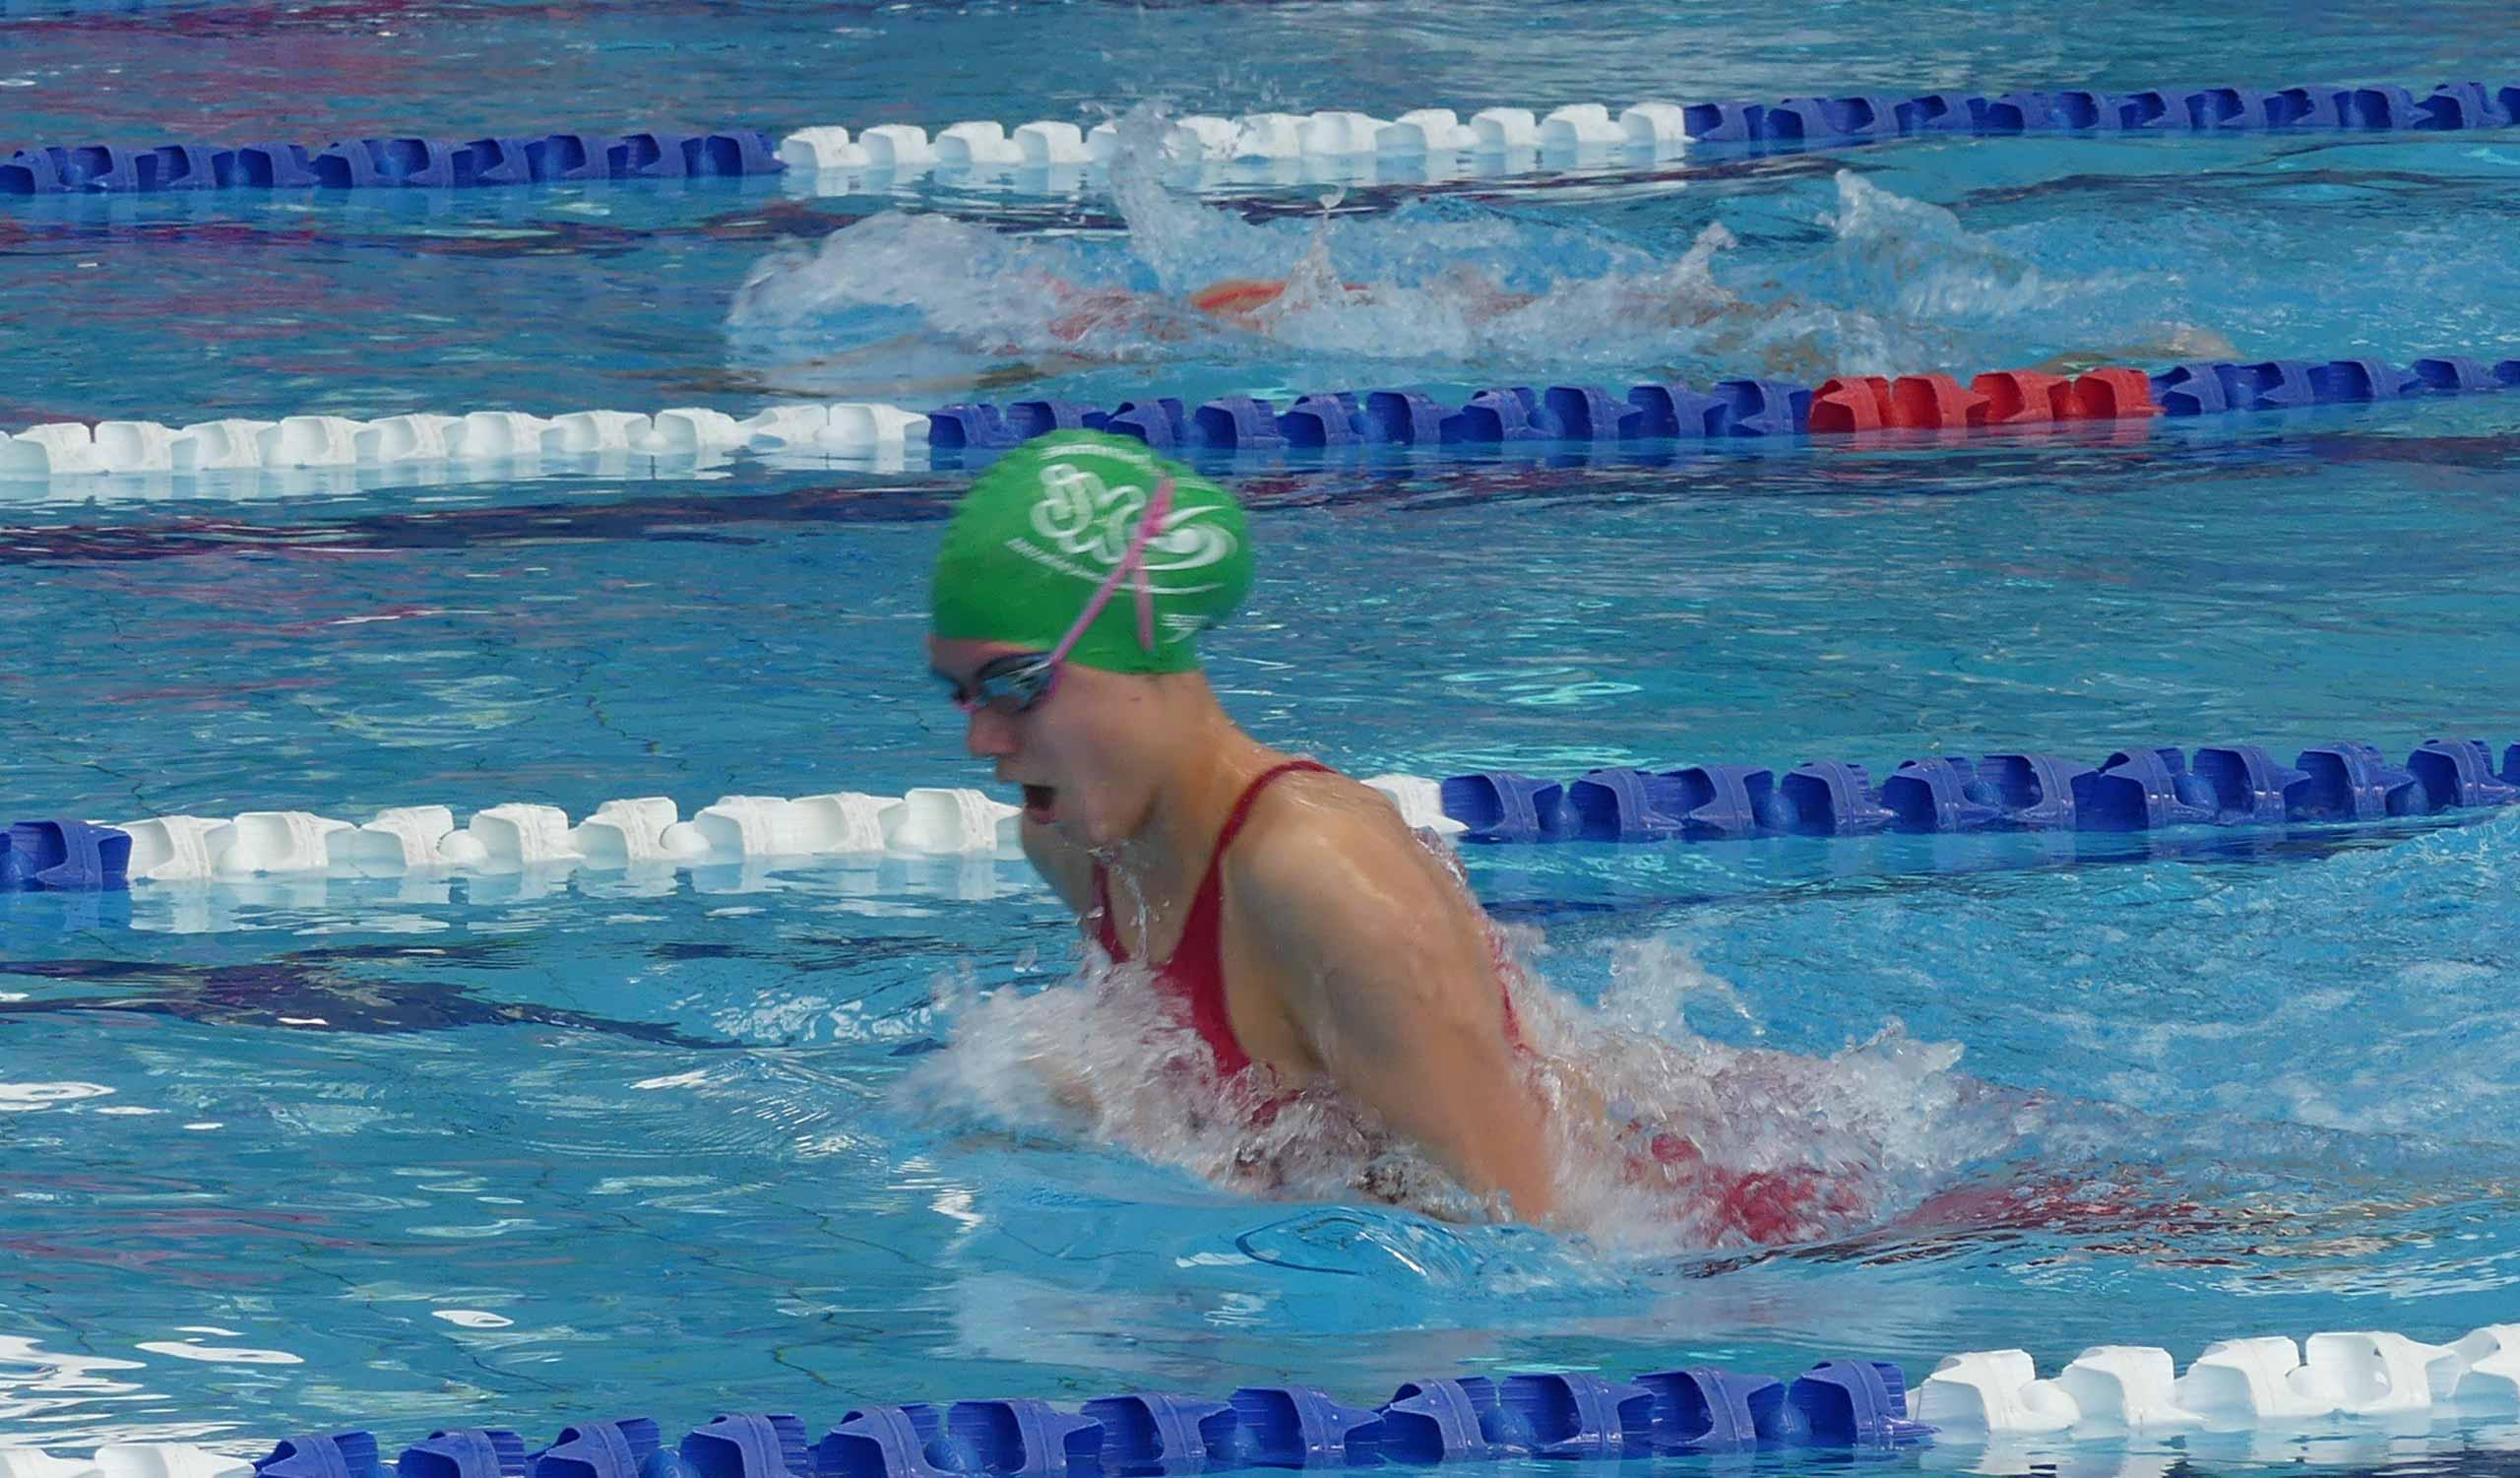 Swim-carn-15